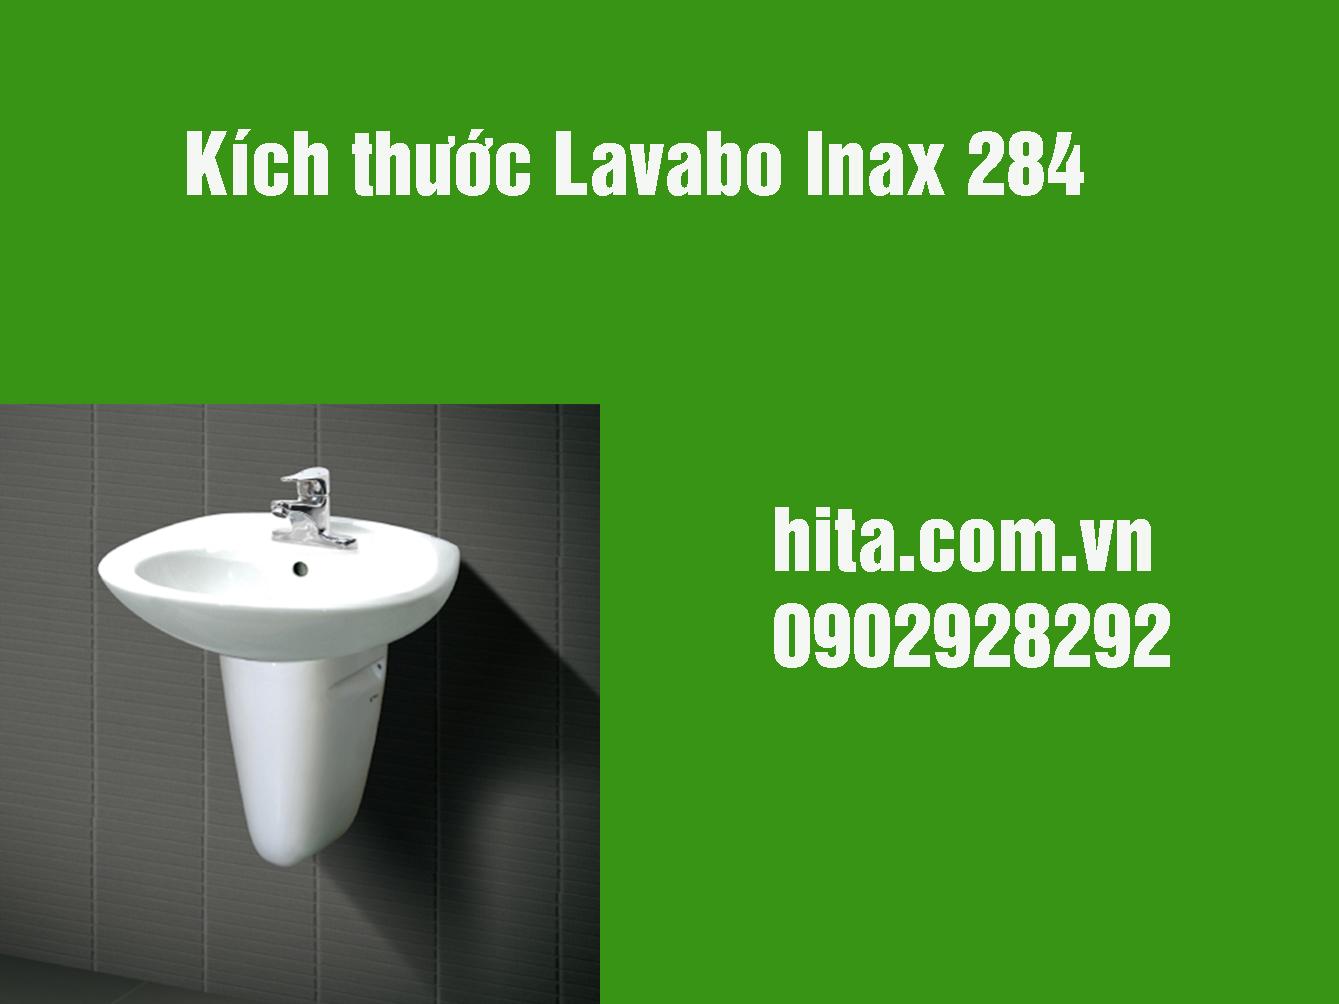 Kích thước Lavabo Inax 284 giá gốc, bảo hành chính hãng 2018